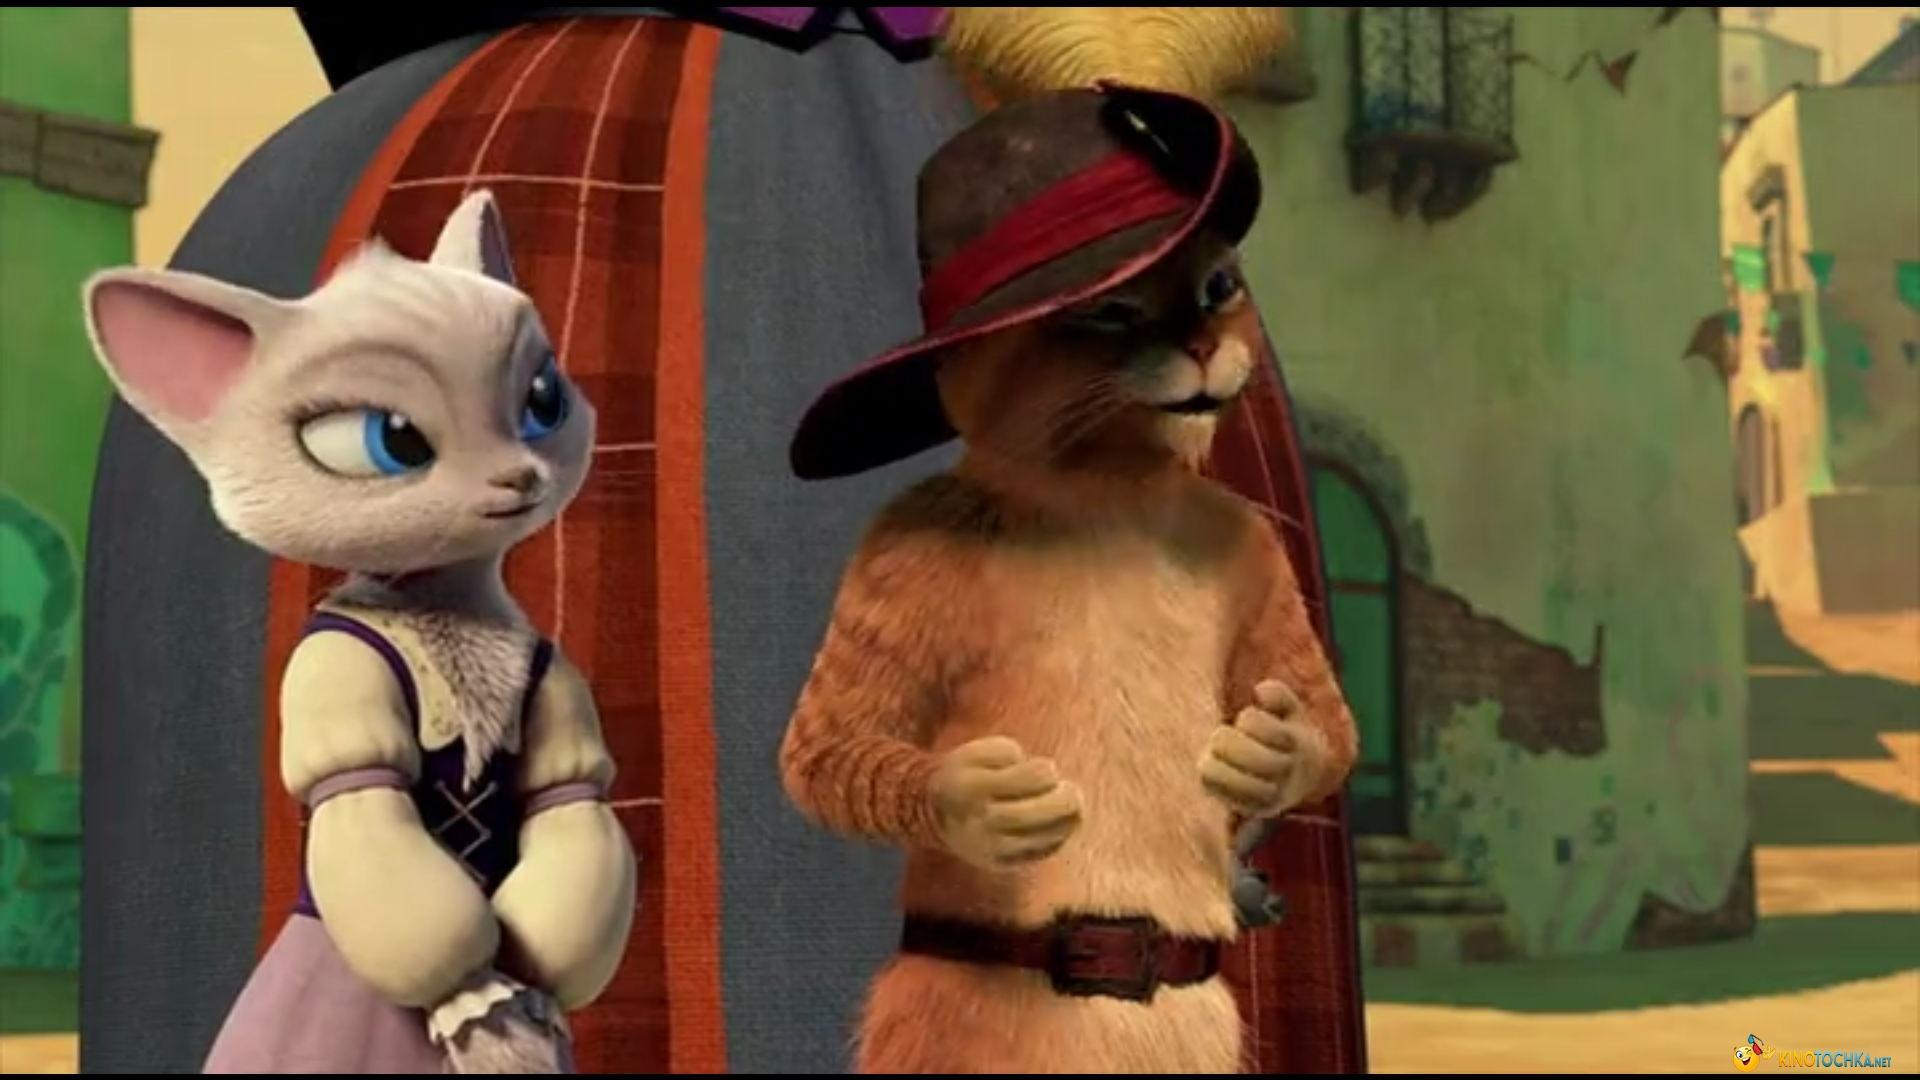 Мультфильм говорящий кот том  d83d de3a игровой мультик том кот мультик игра от kids show